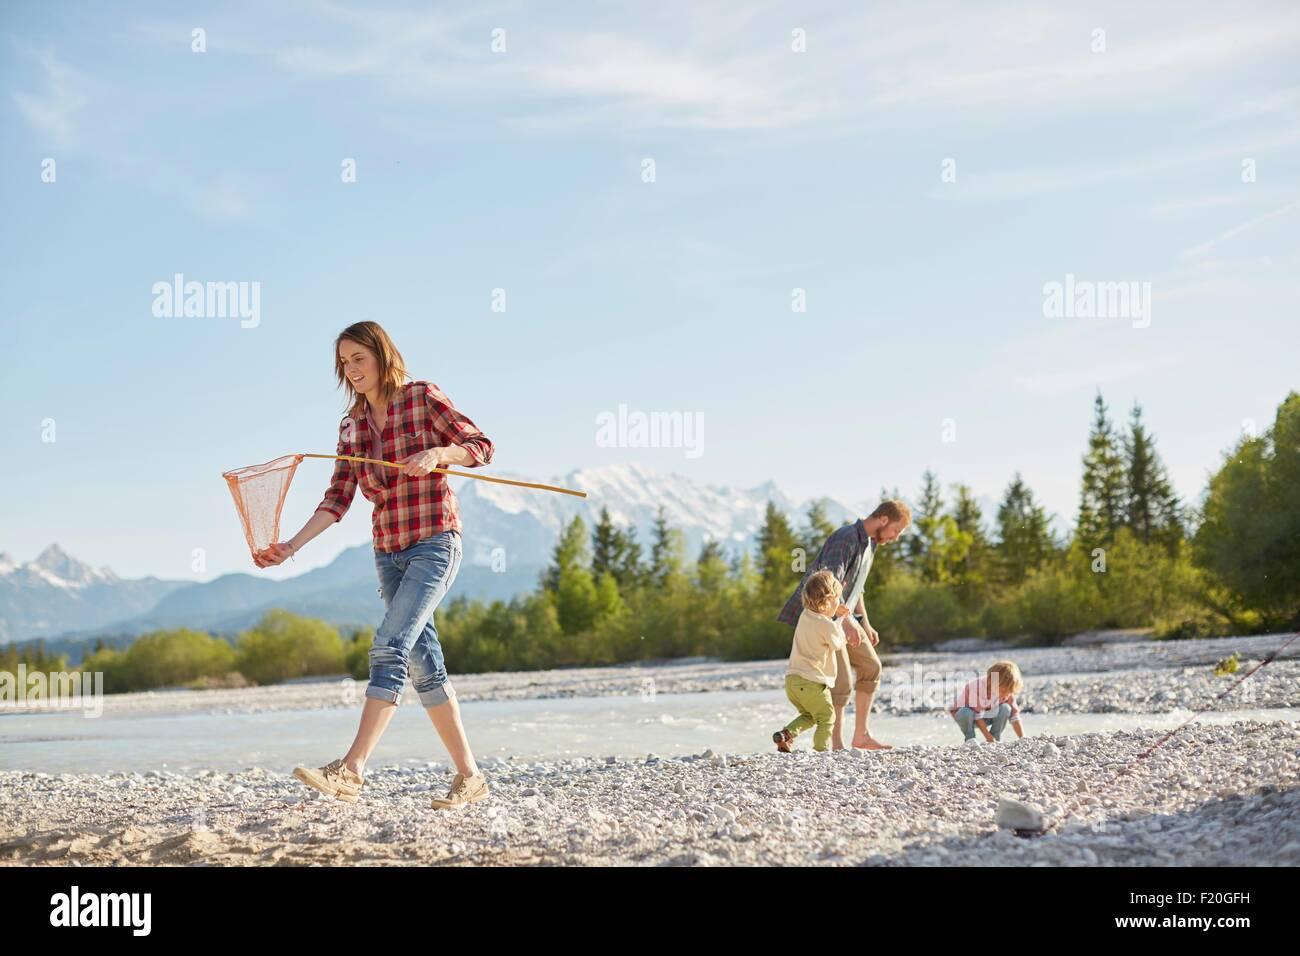 Jeune femme exerçant son filet de pêche en rivière, les gens à l'arrière-plan, Wallgau, Photo Stock